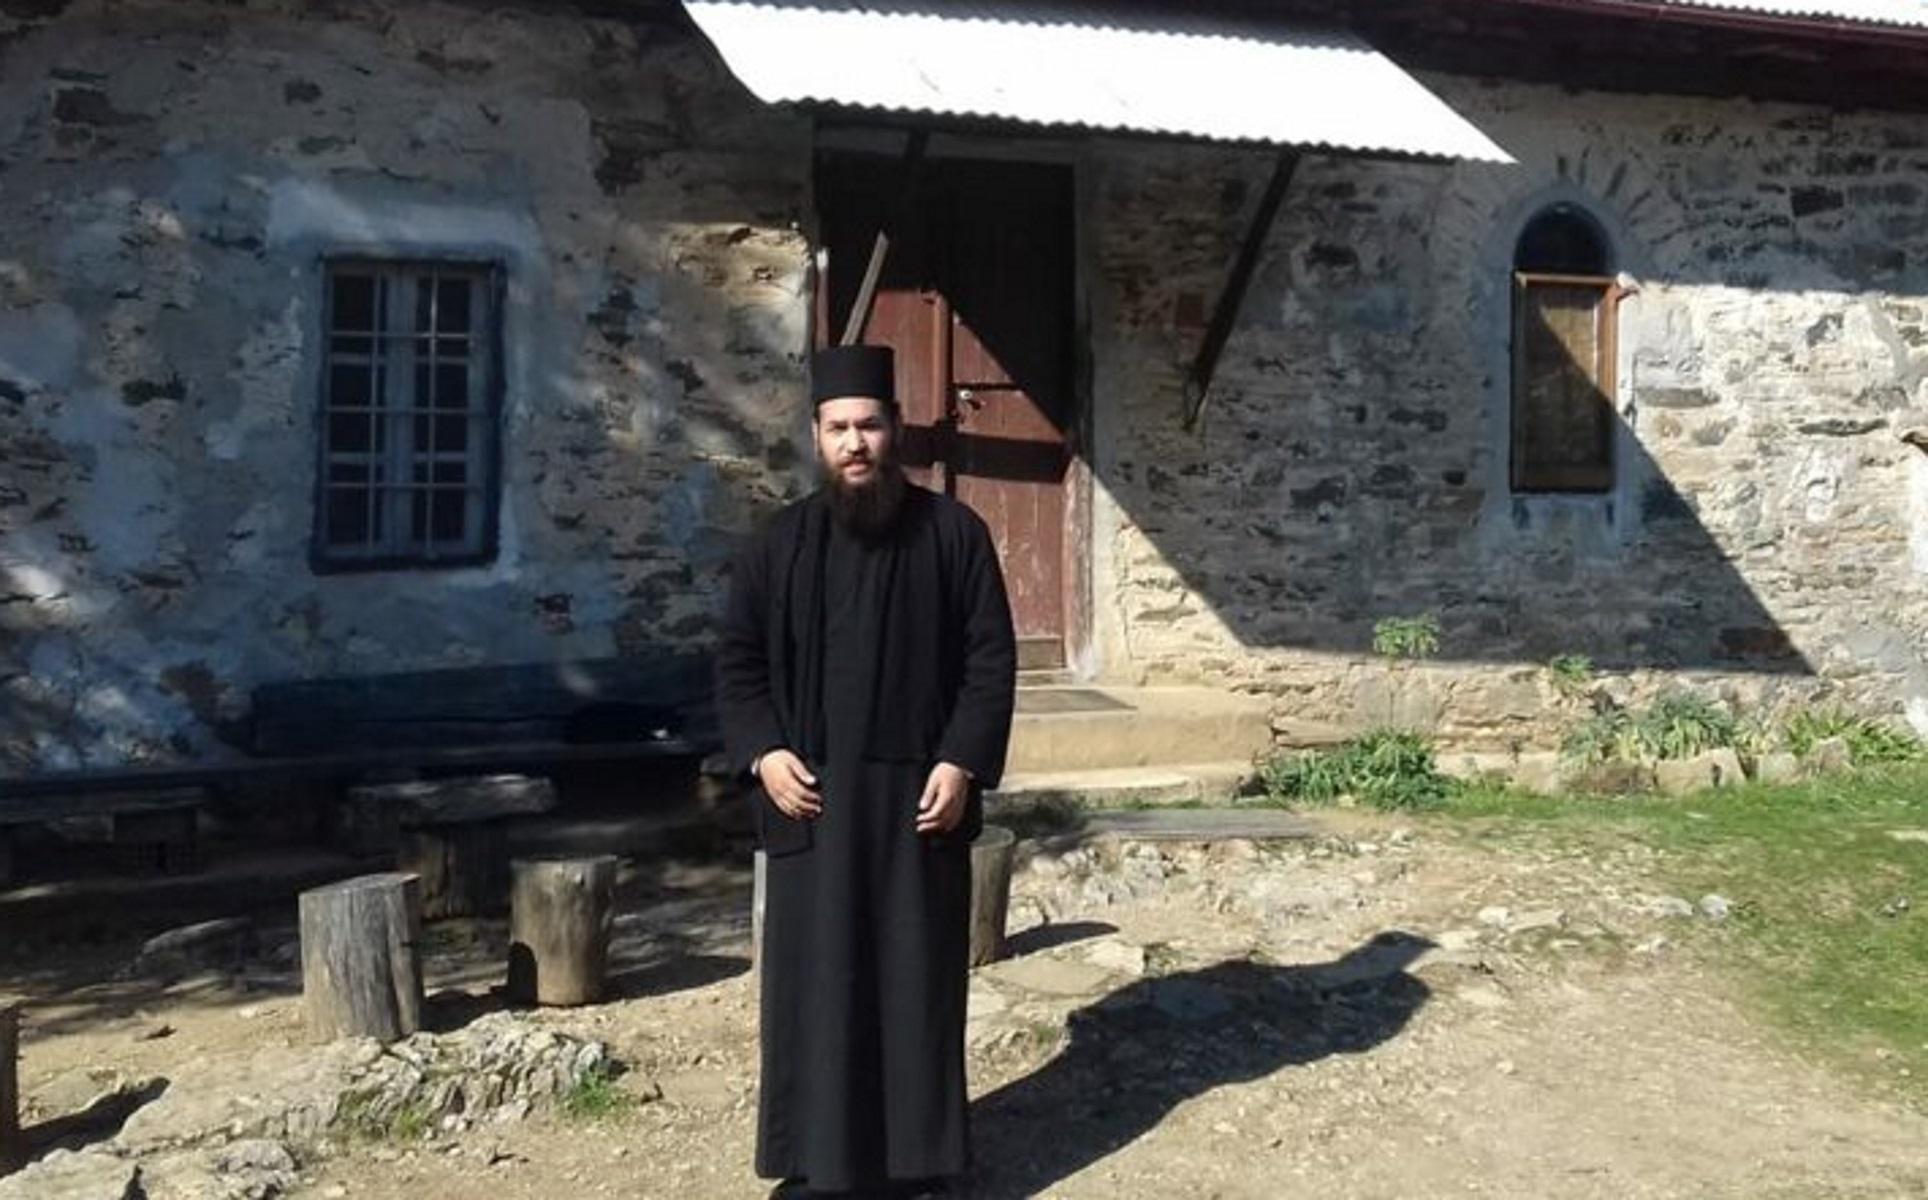 Μονή Πετράκη- Σοκαριστικές αποκαλύψεις : Σύριγγες, ναρκωτικά και φιλοξενία σε νεαρά αγόρια